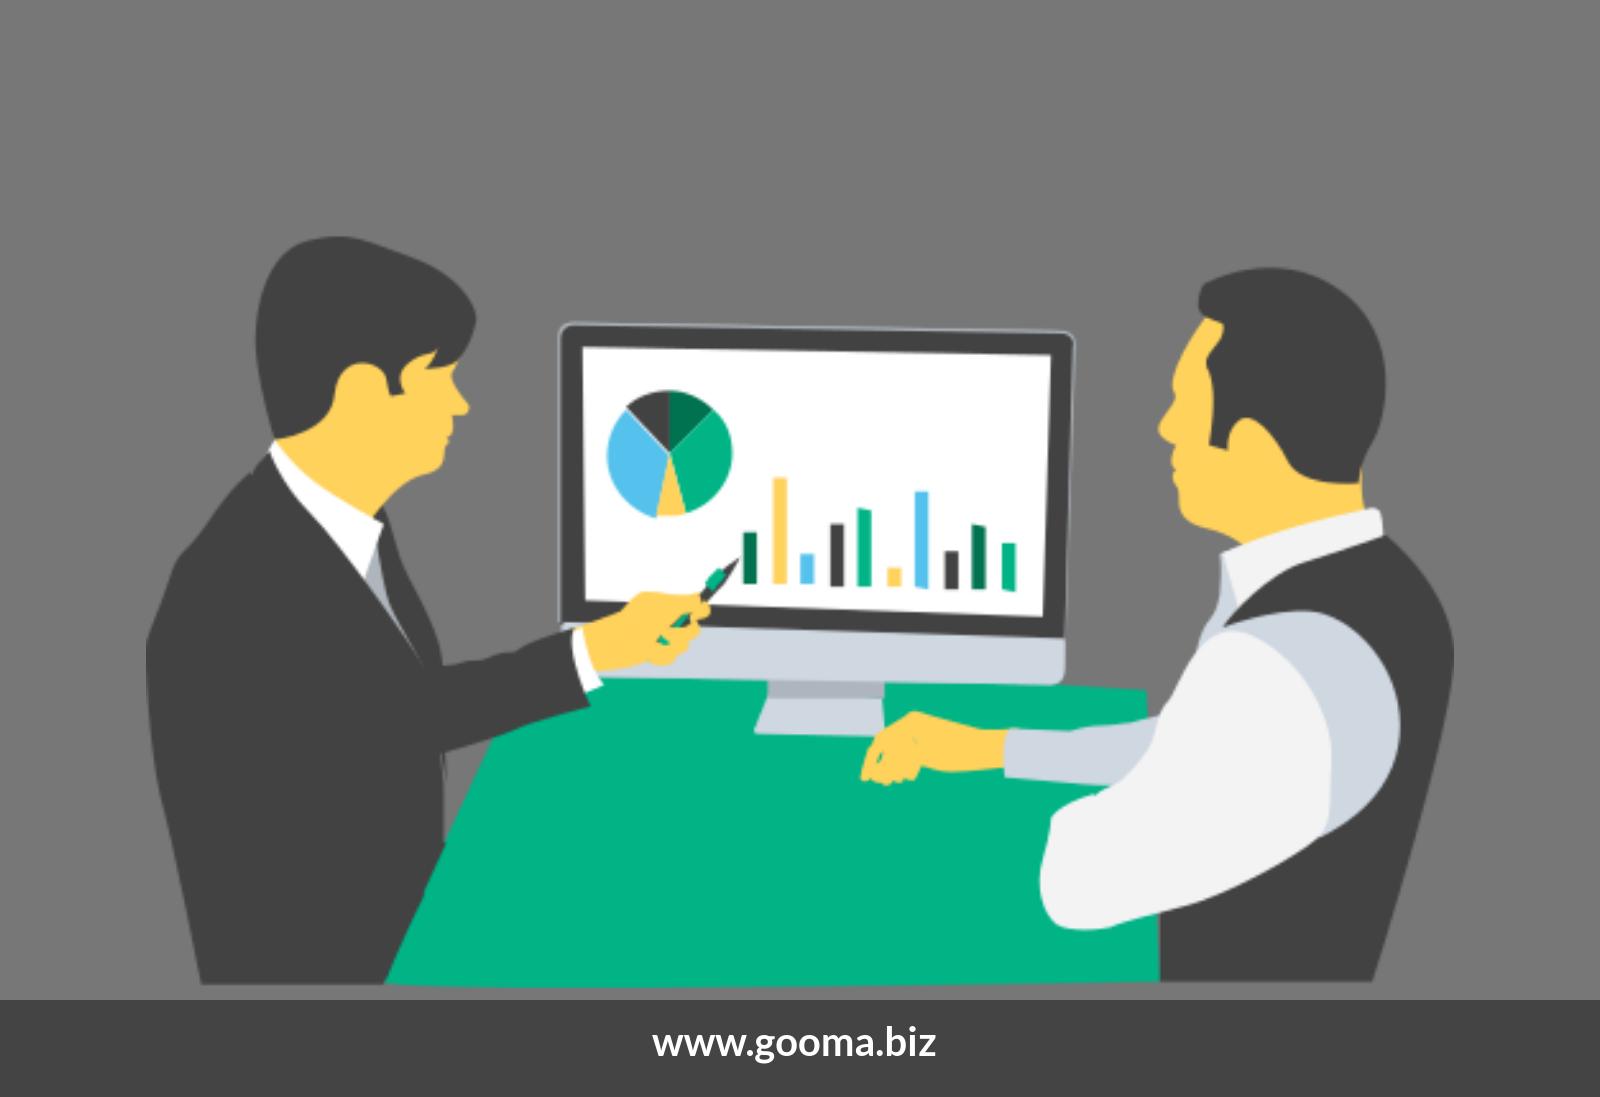 Bespovratne potpore za poduzetnika_Gooma sustav (4)